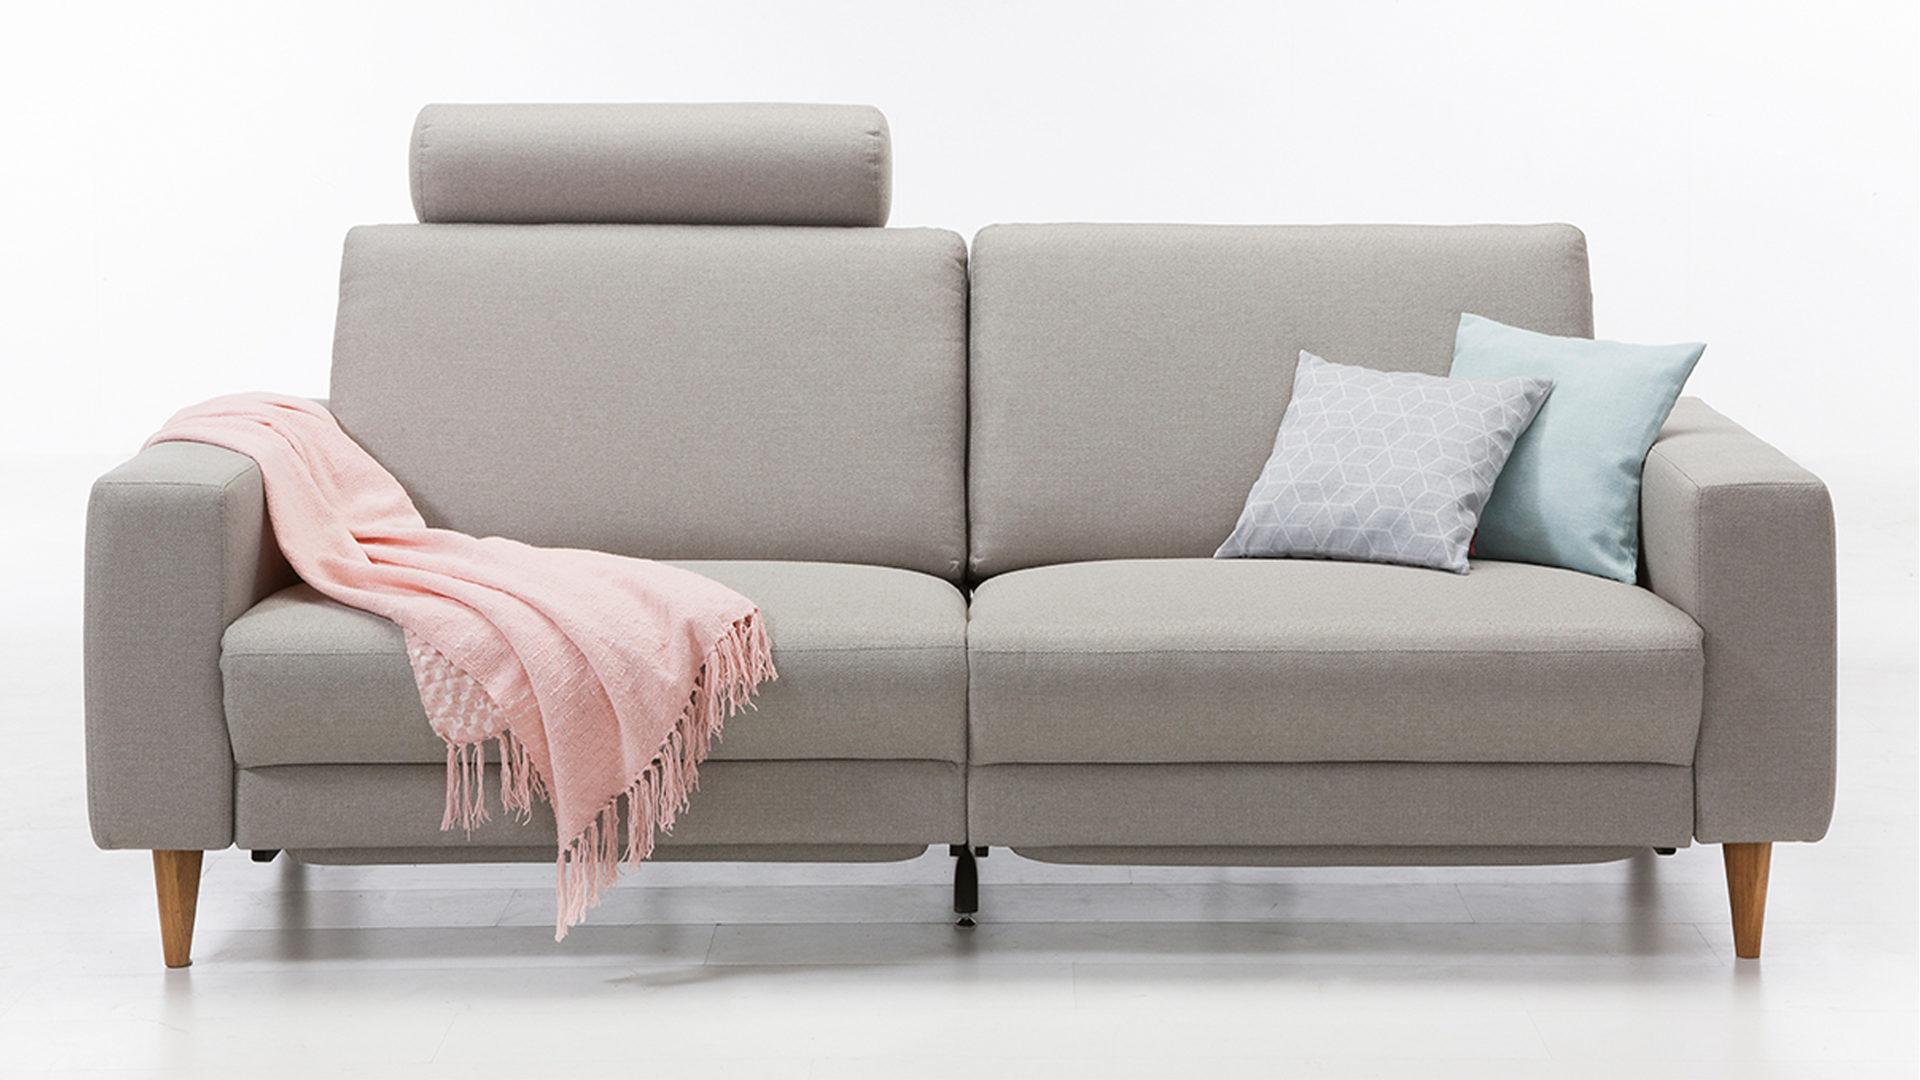 Möbel Bohn Crailsheim, Möbel A-Z, Couches + Sofas, Zweisitzer-Sofa ...